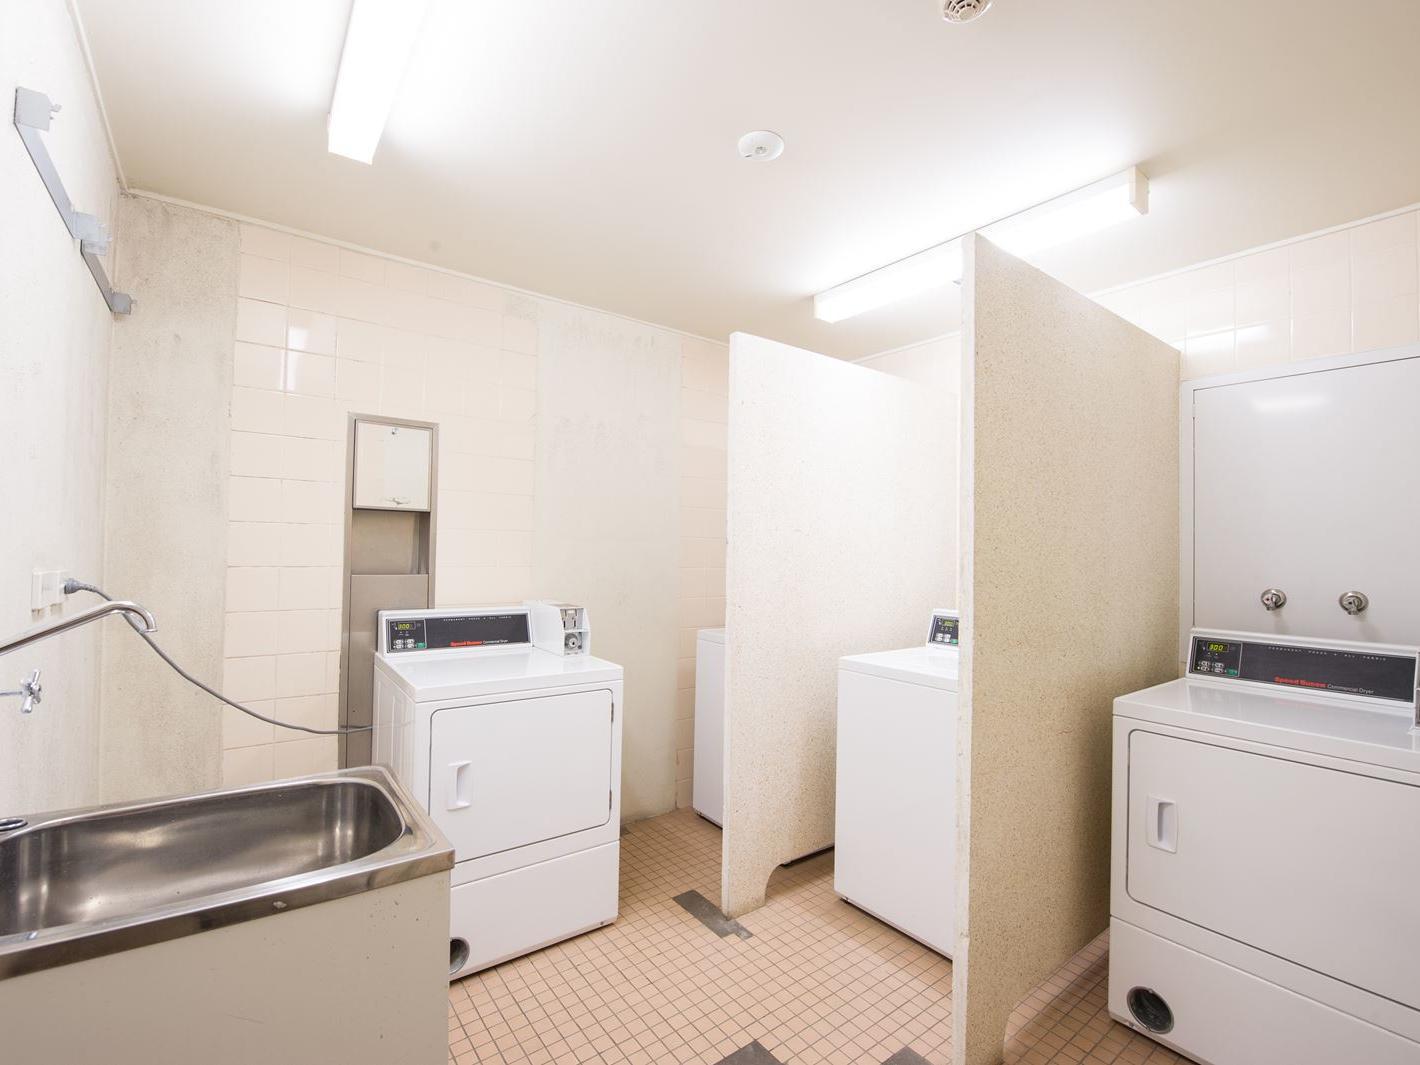 UniLodge Academie House_Studio Accommodation Laundry